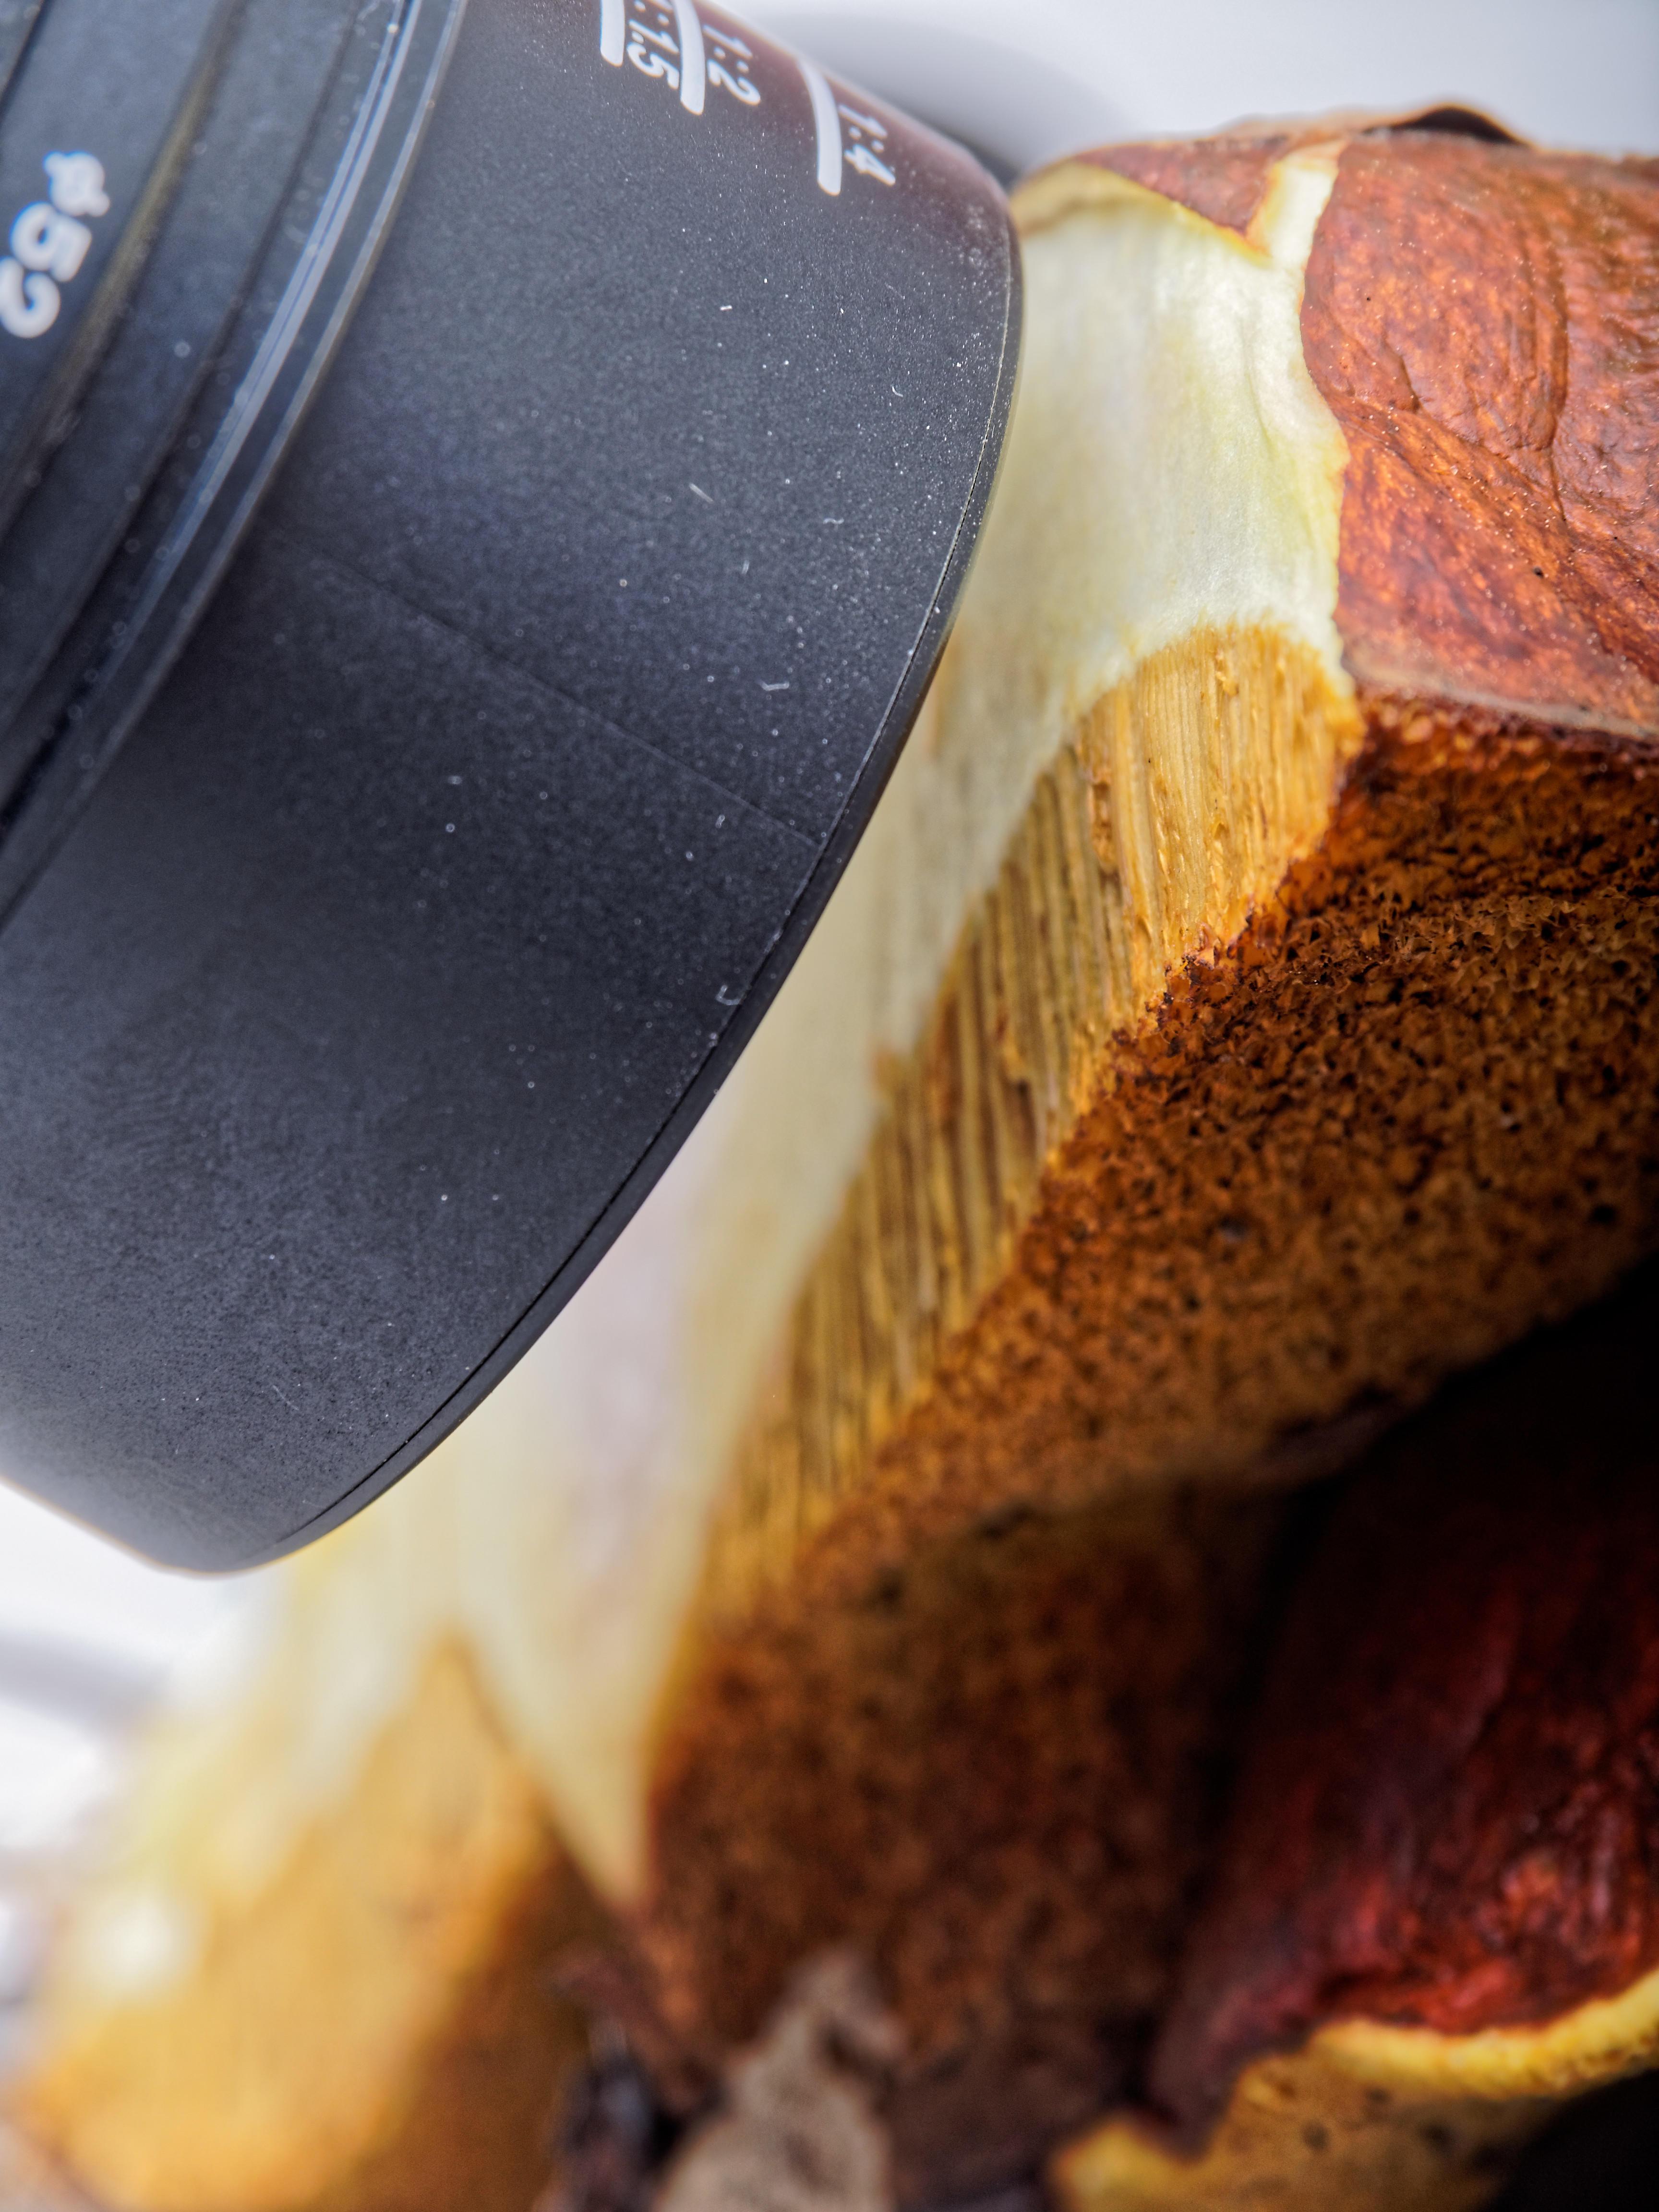 Mushroom-photos-3.jpeg